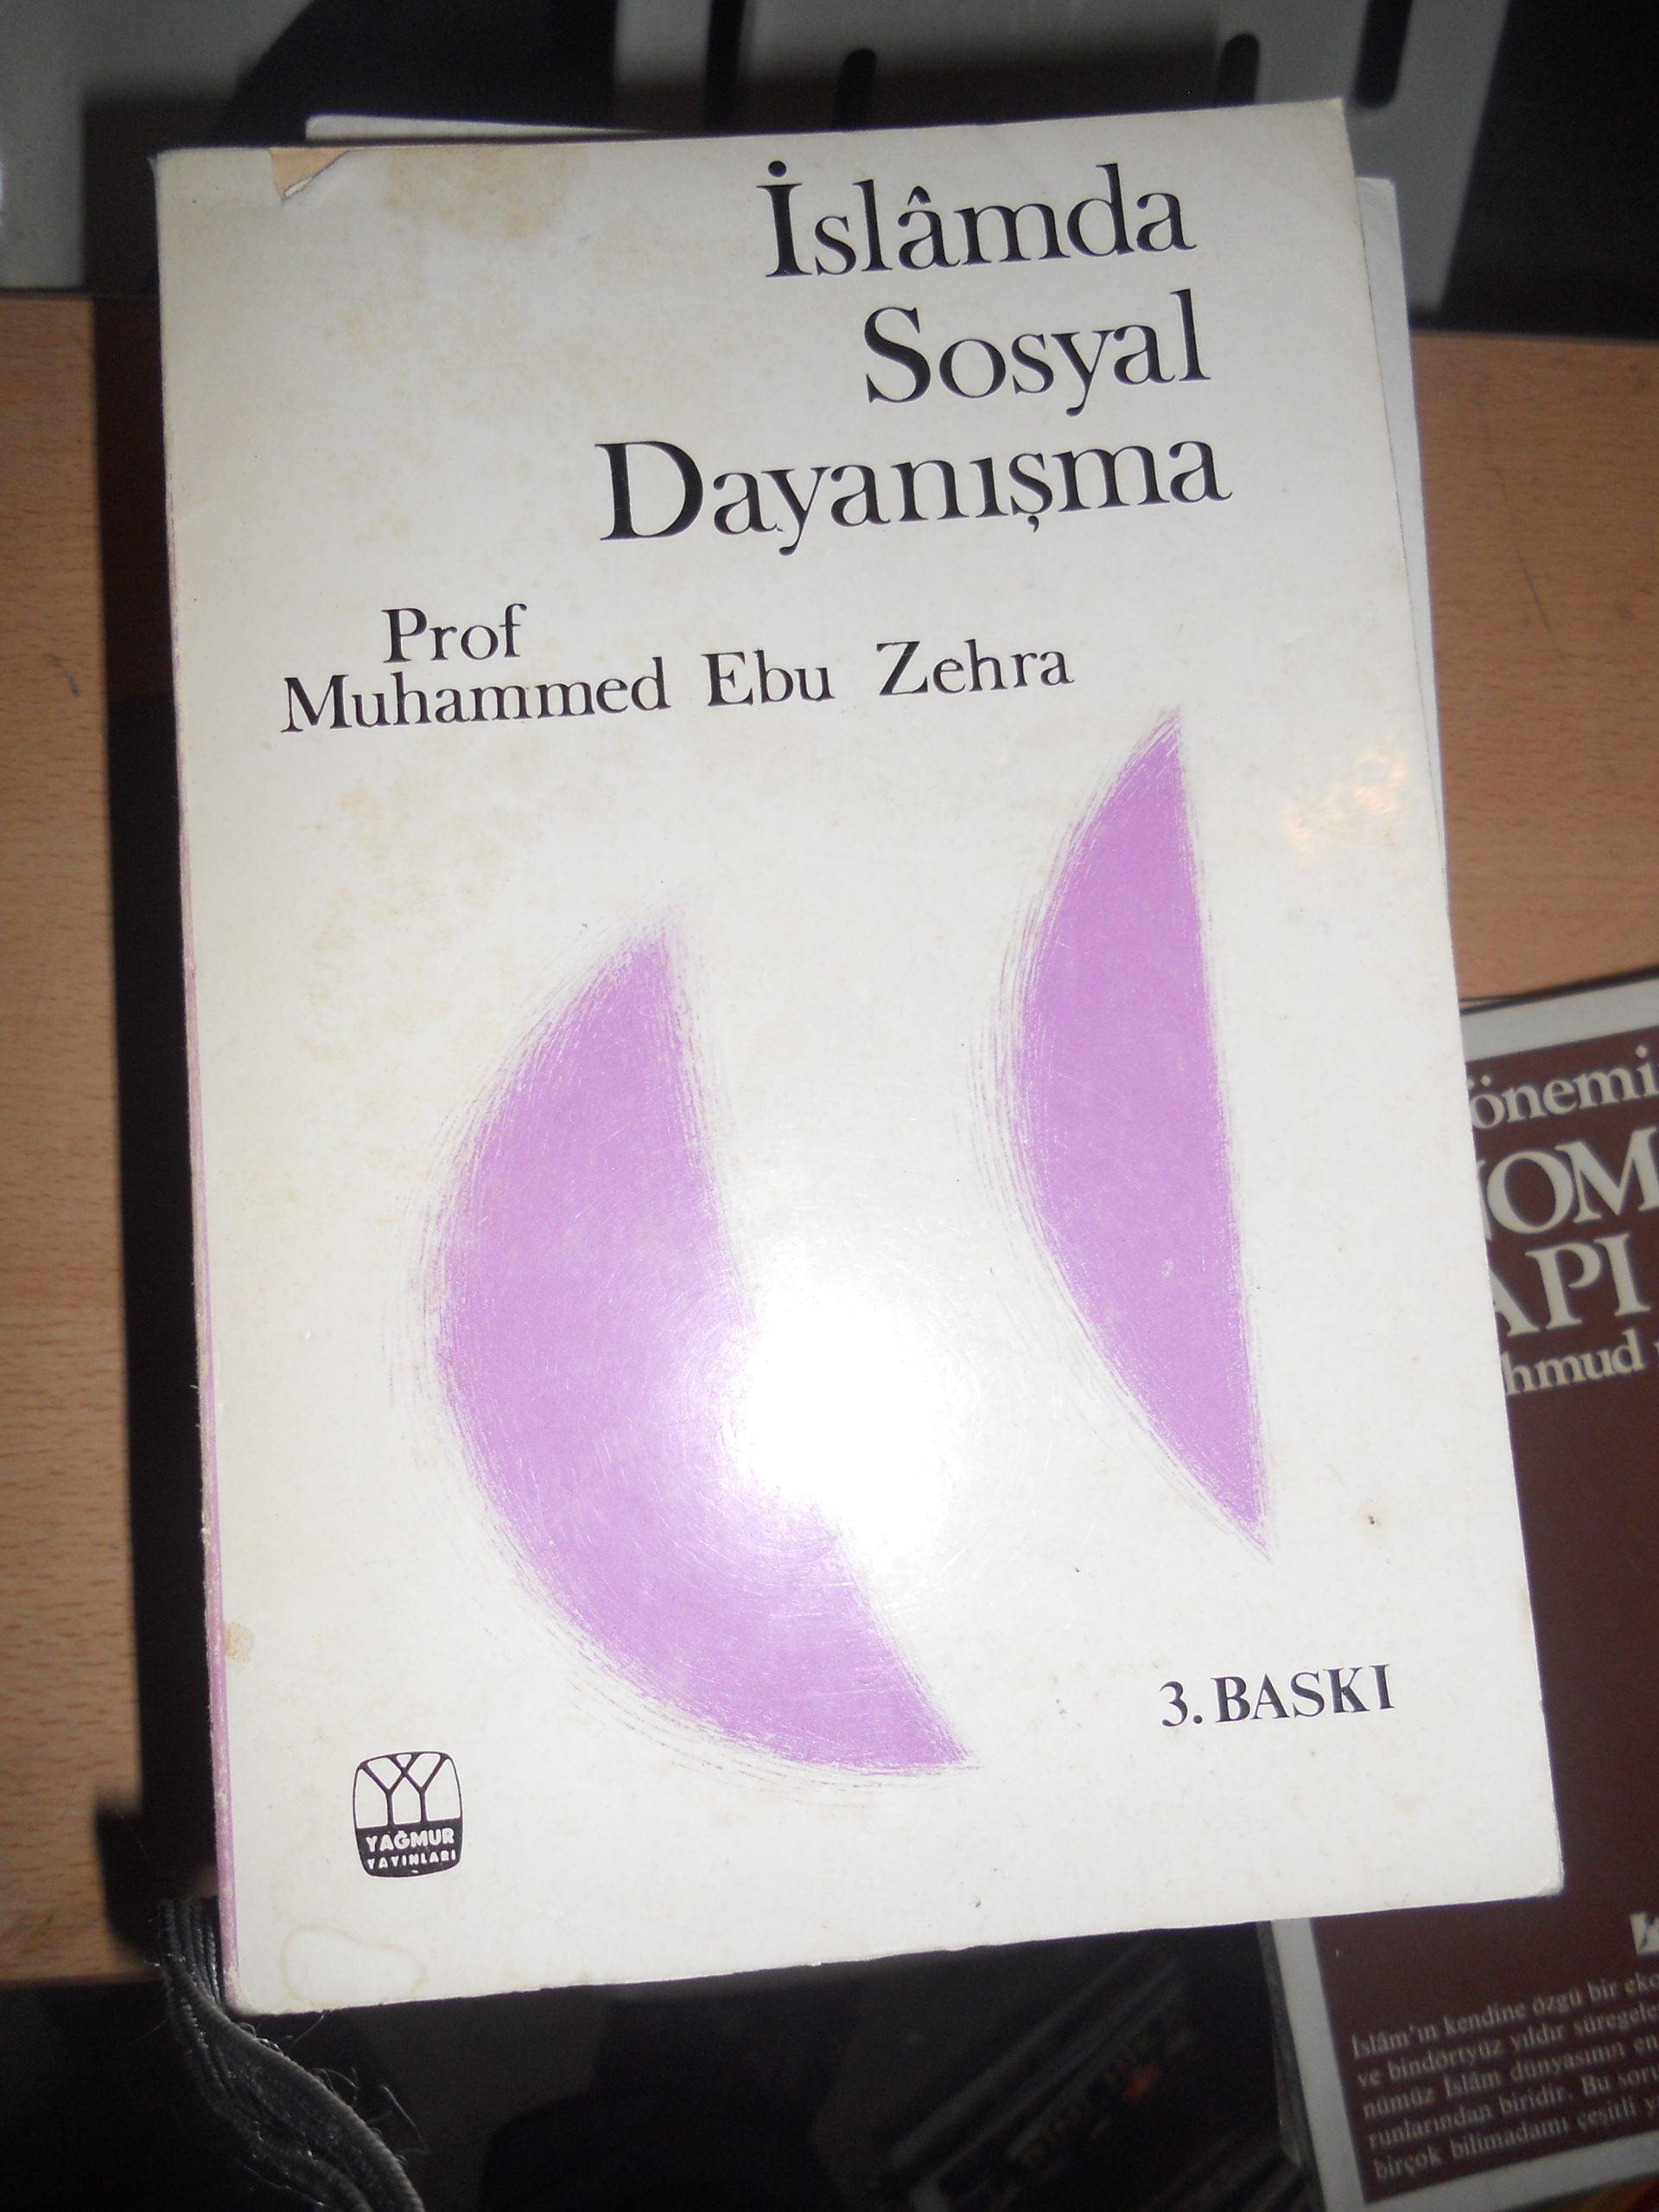 İSLAMDA SOSYAL DAYANIŞMA/Muhammed Ebu Zehra/ 7,5 tl(satıldı)